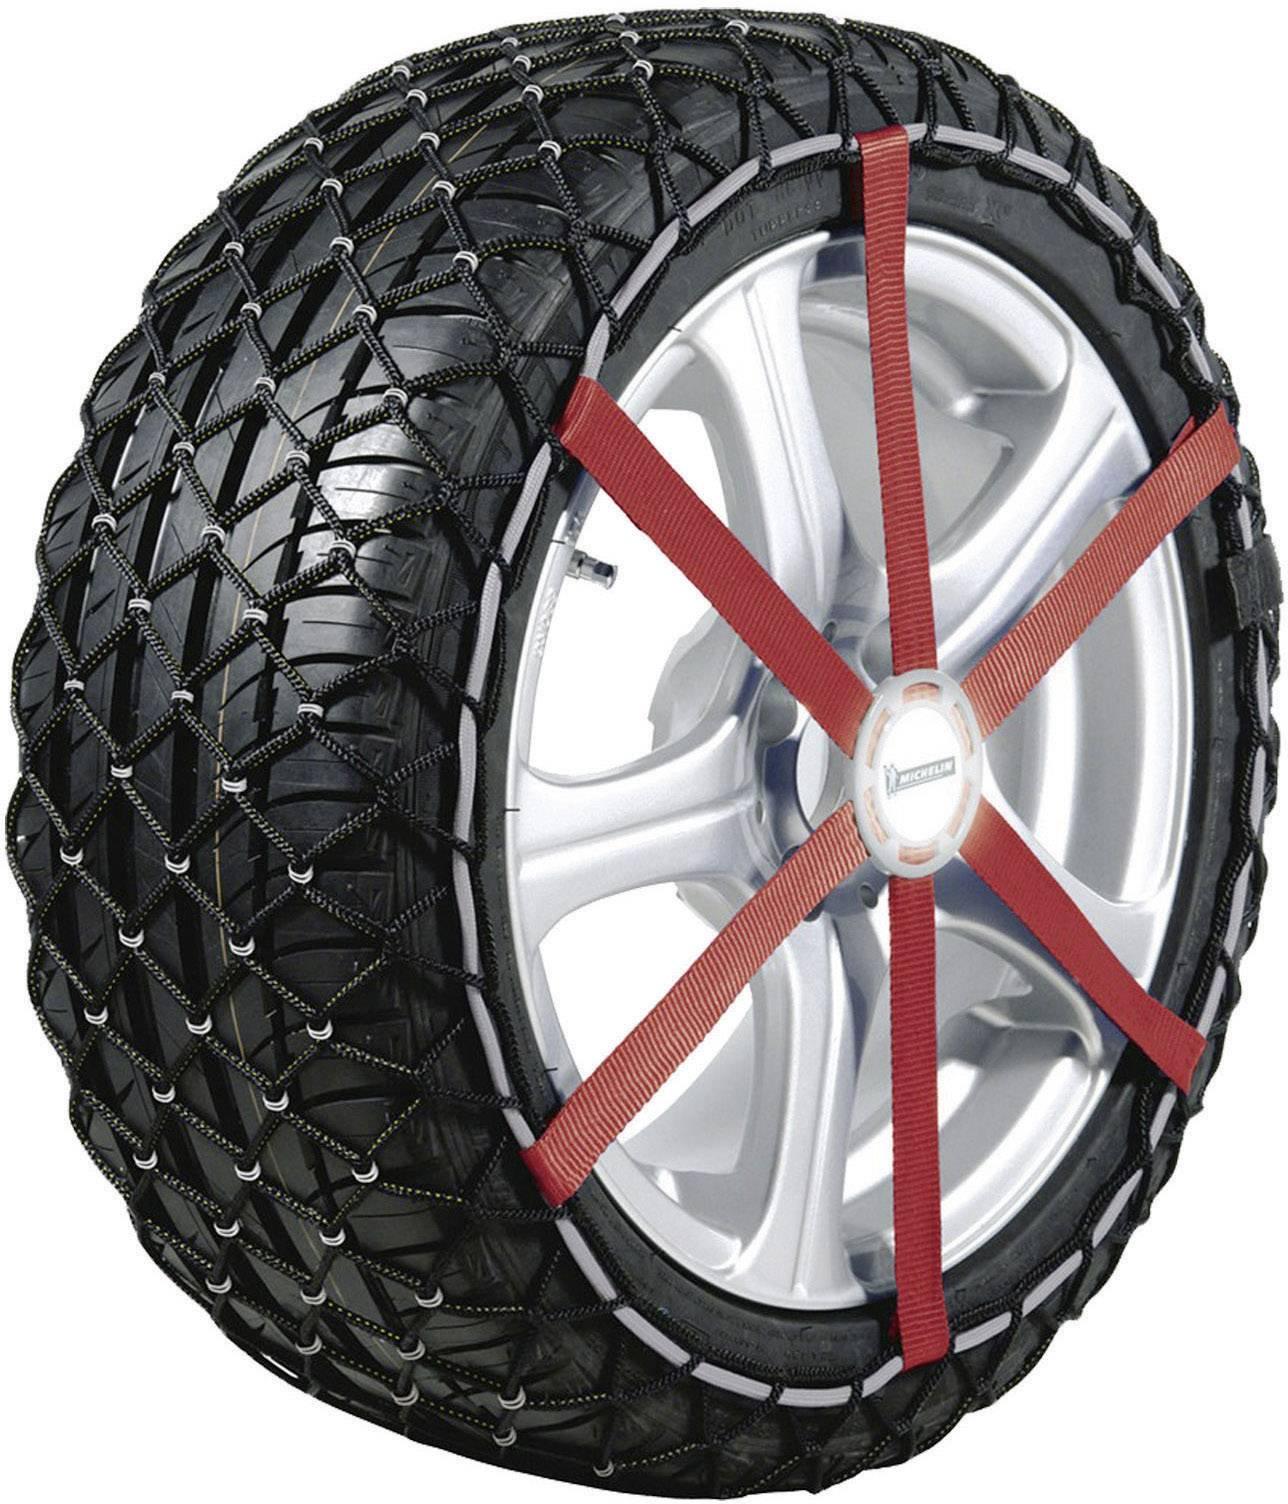 Sněhové řetězy Michelin Easy Grip, 2MIL92304, L12, R17